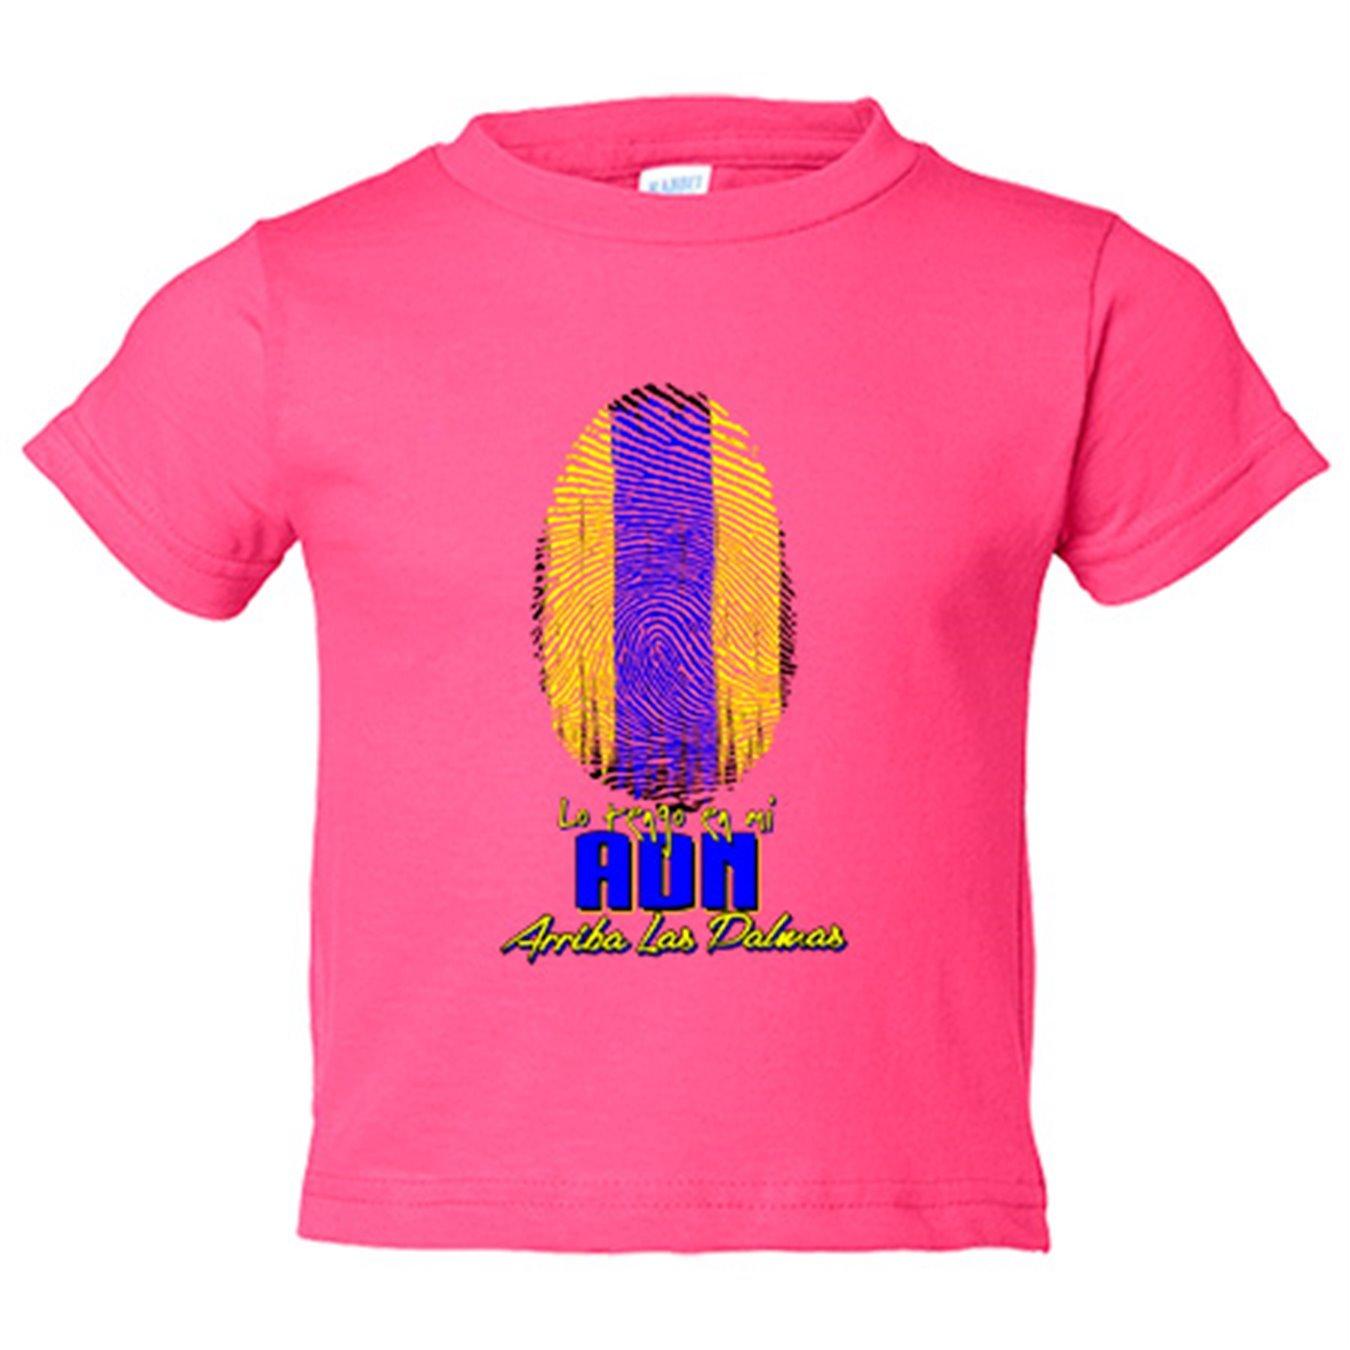 Camiseta niño lo tengo en mi ADN Las Palmas fútbol - Amarillo, 3-4 años: Amazon.es: Bebé